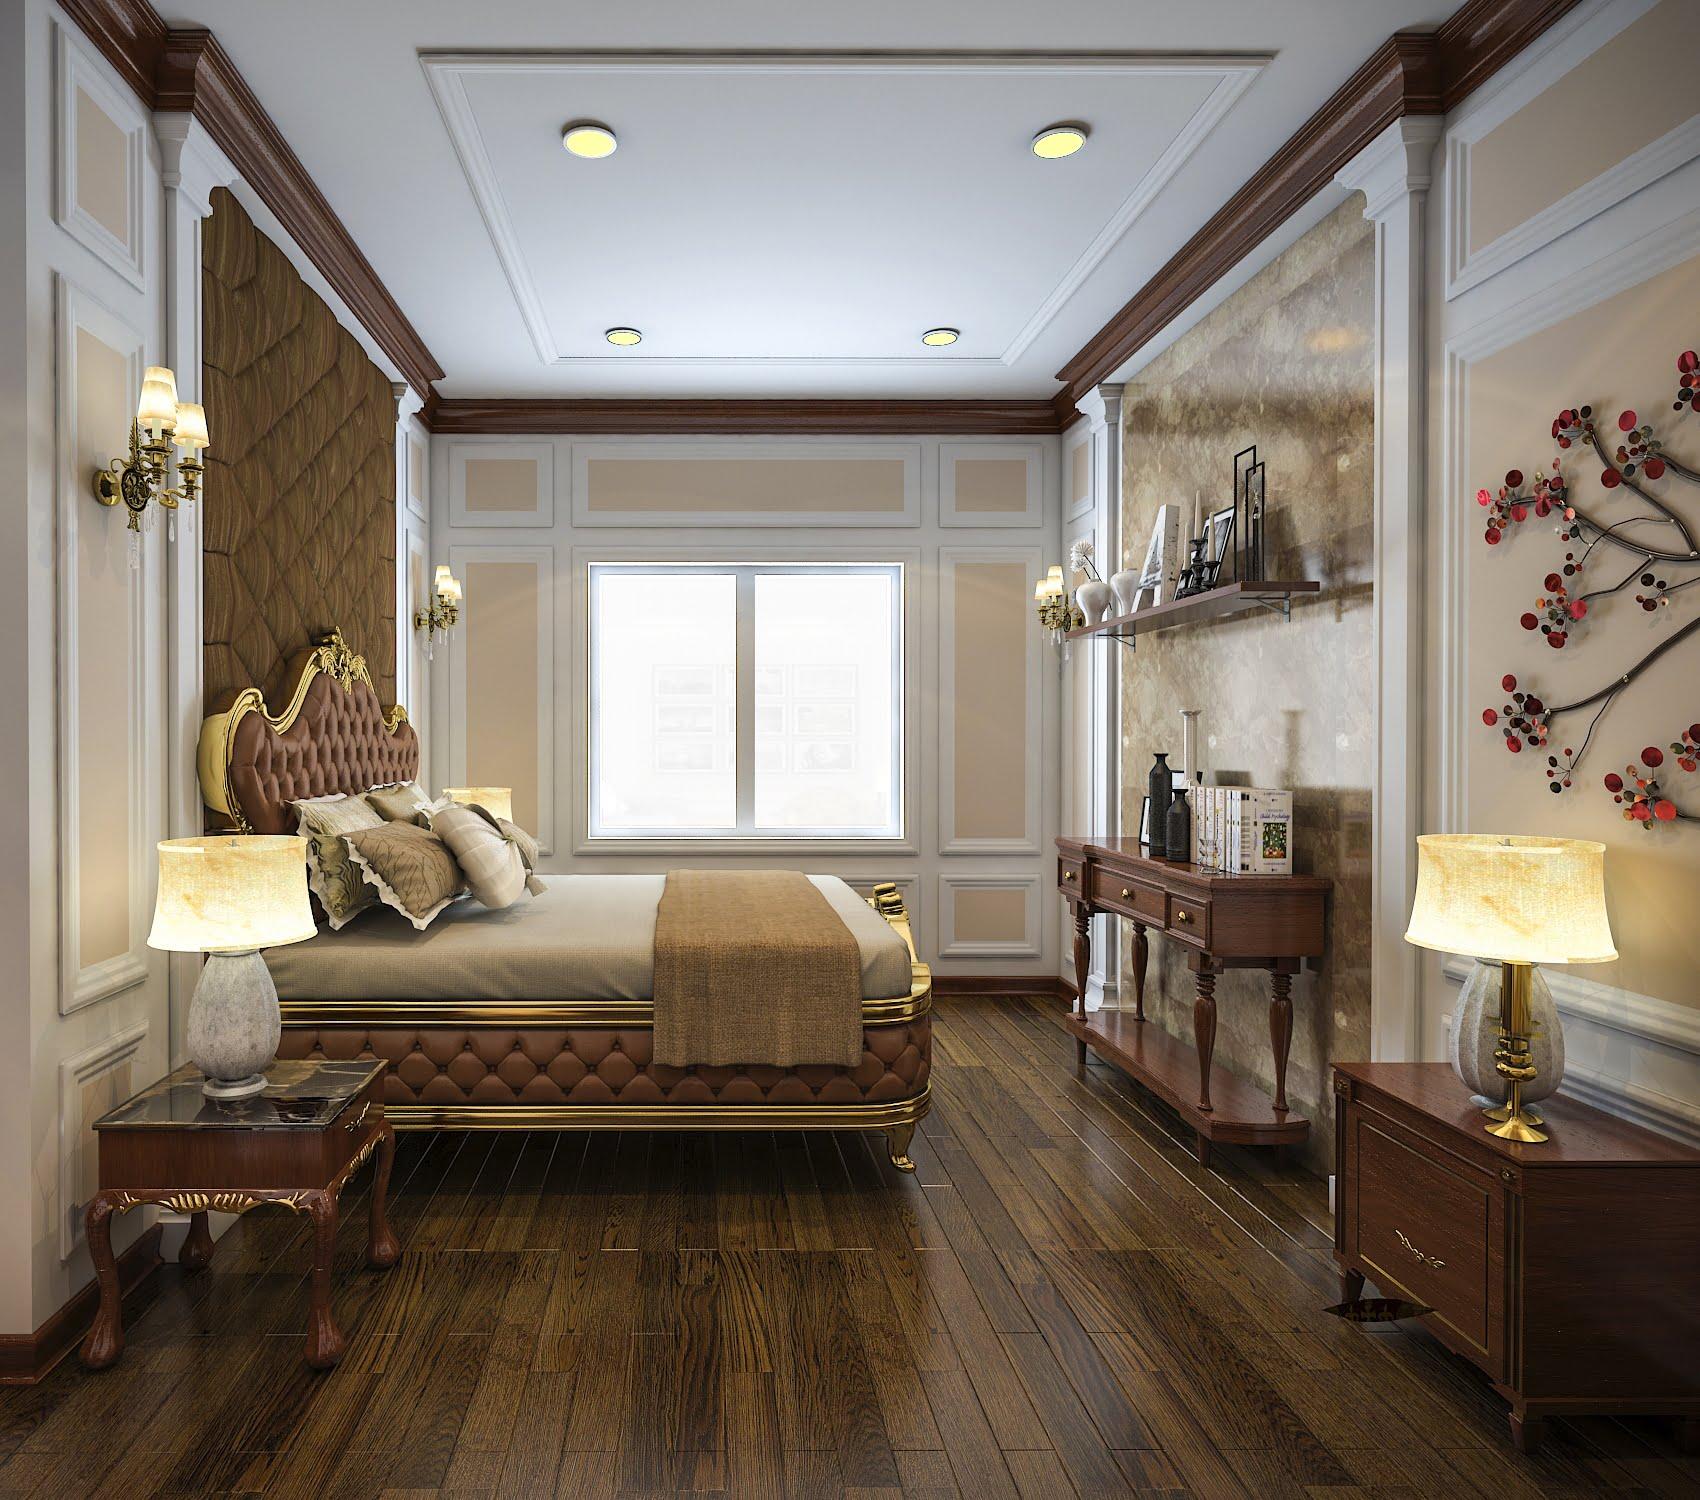 biệt thự mặt tiền 13m 3 tầng cổ điển đẹp 8